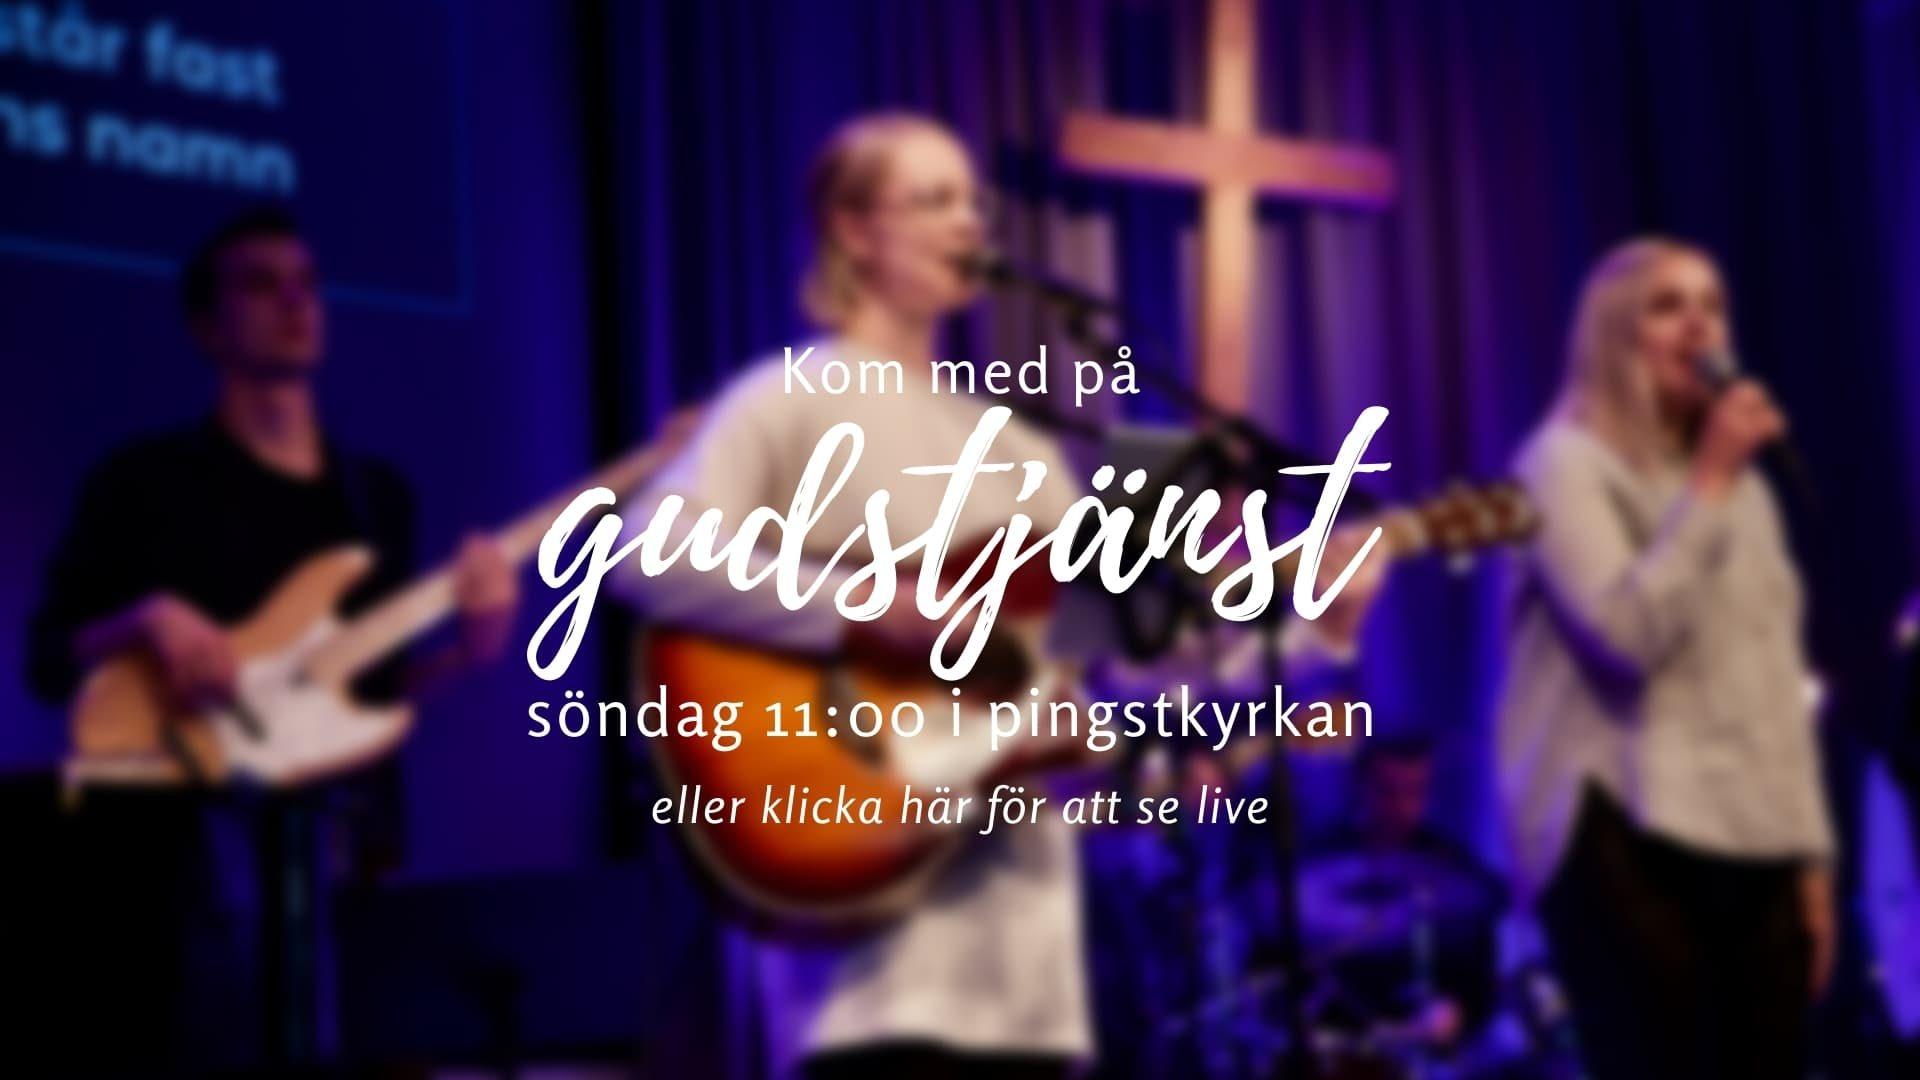 Länk till gudstjänst söndag 11